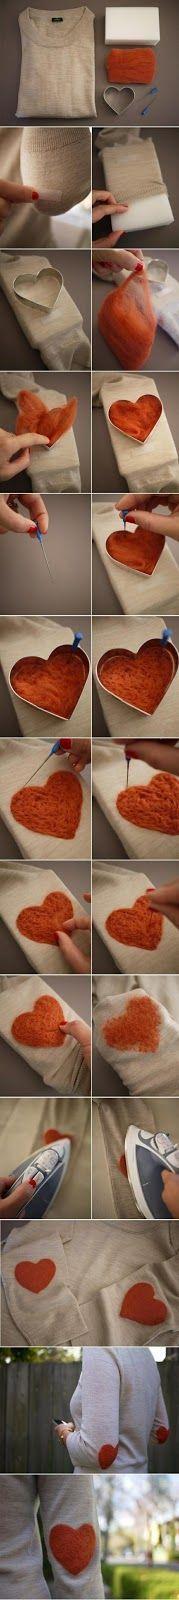 custimizar un jersey con coderas en corazón de lana cardada